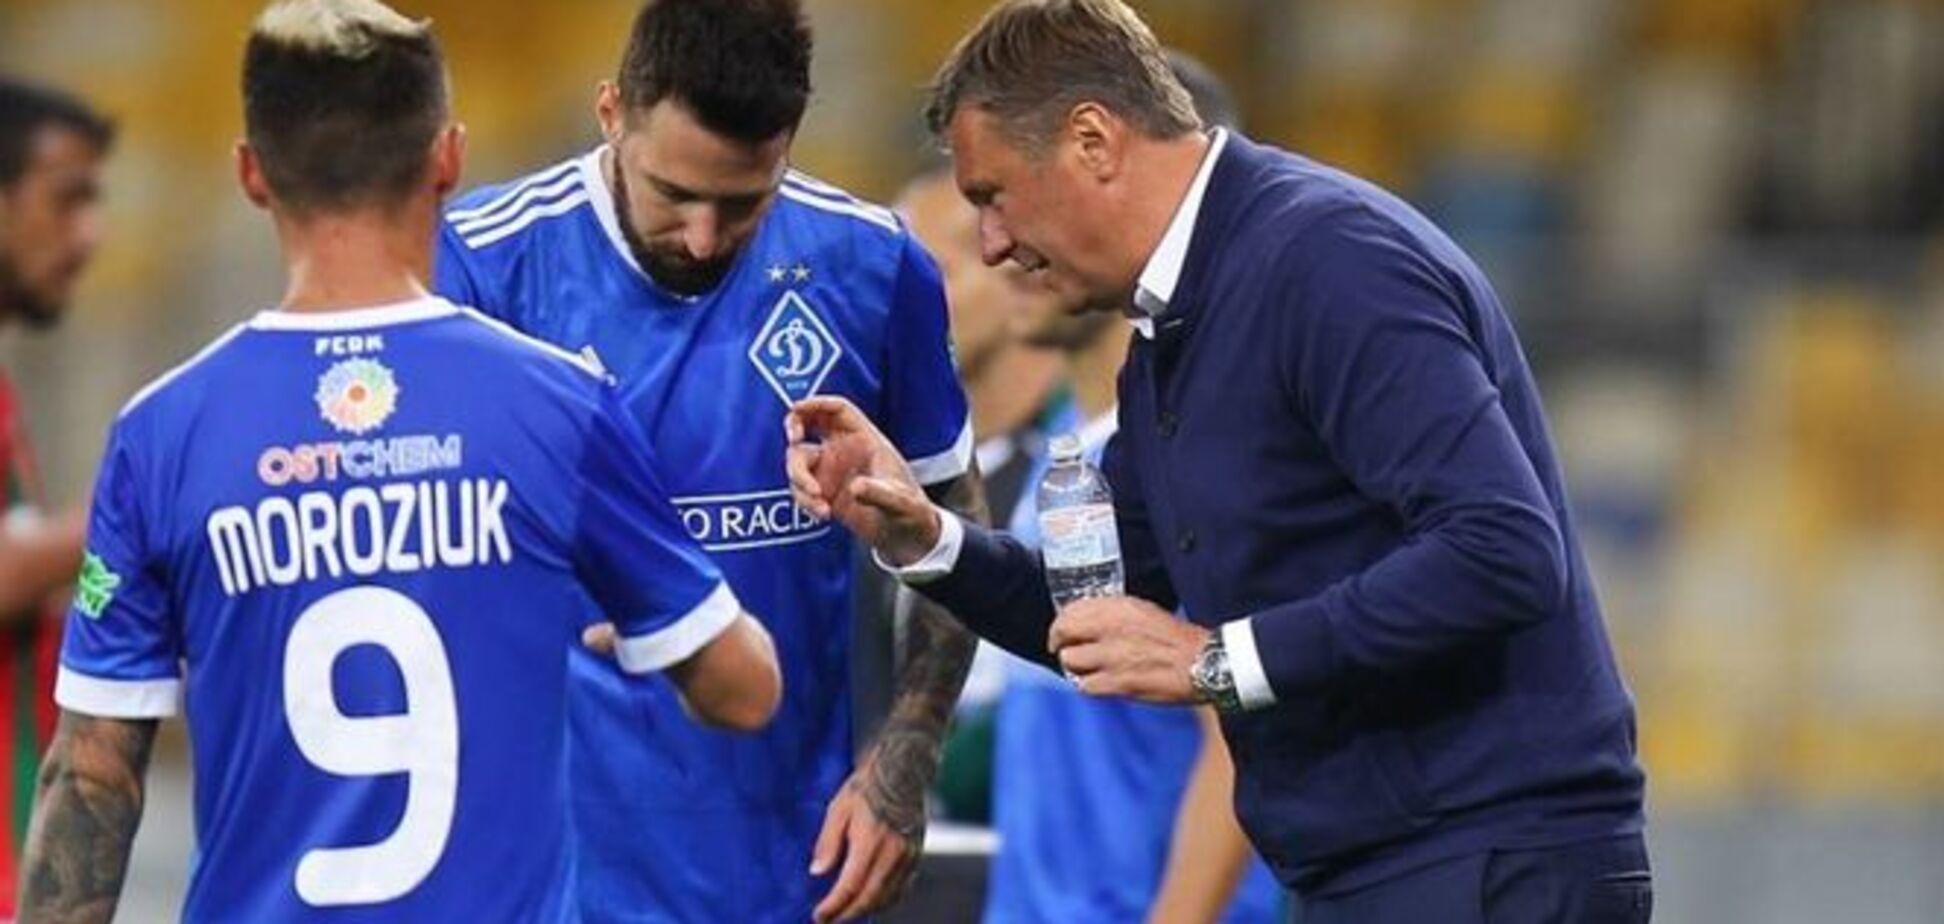 УЄФА виніс жорстке рішення перед матчем 'Динамо' у другому турі Ліги Європи